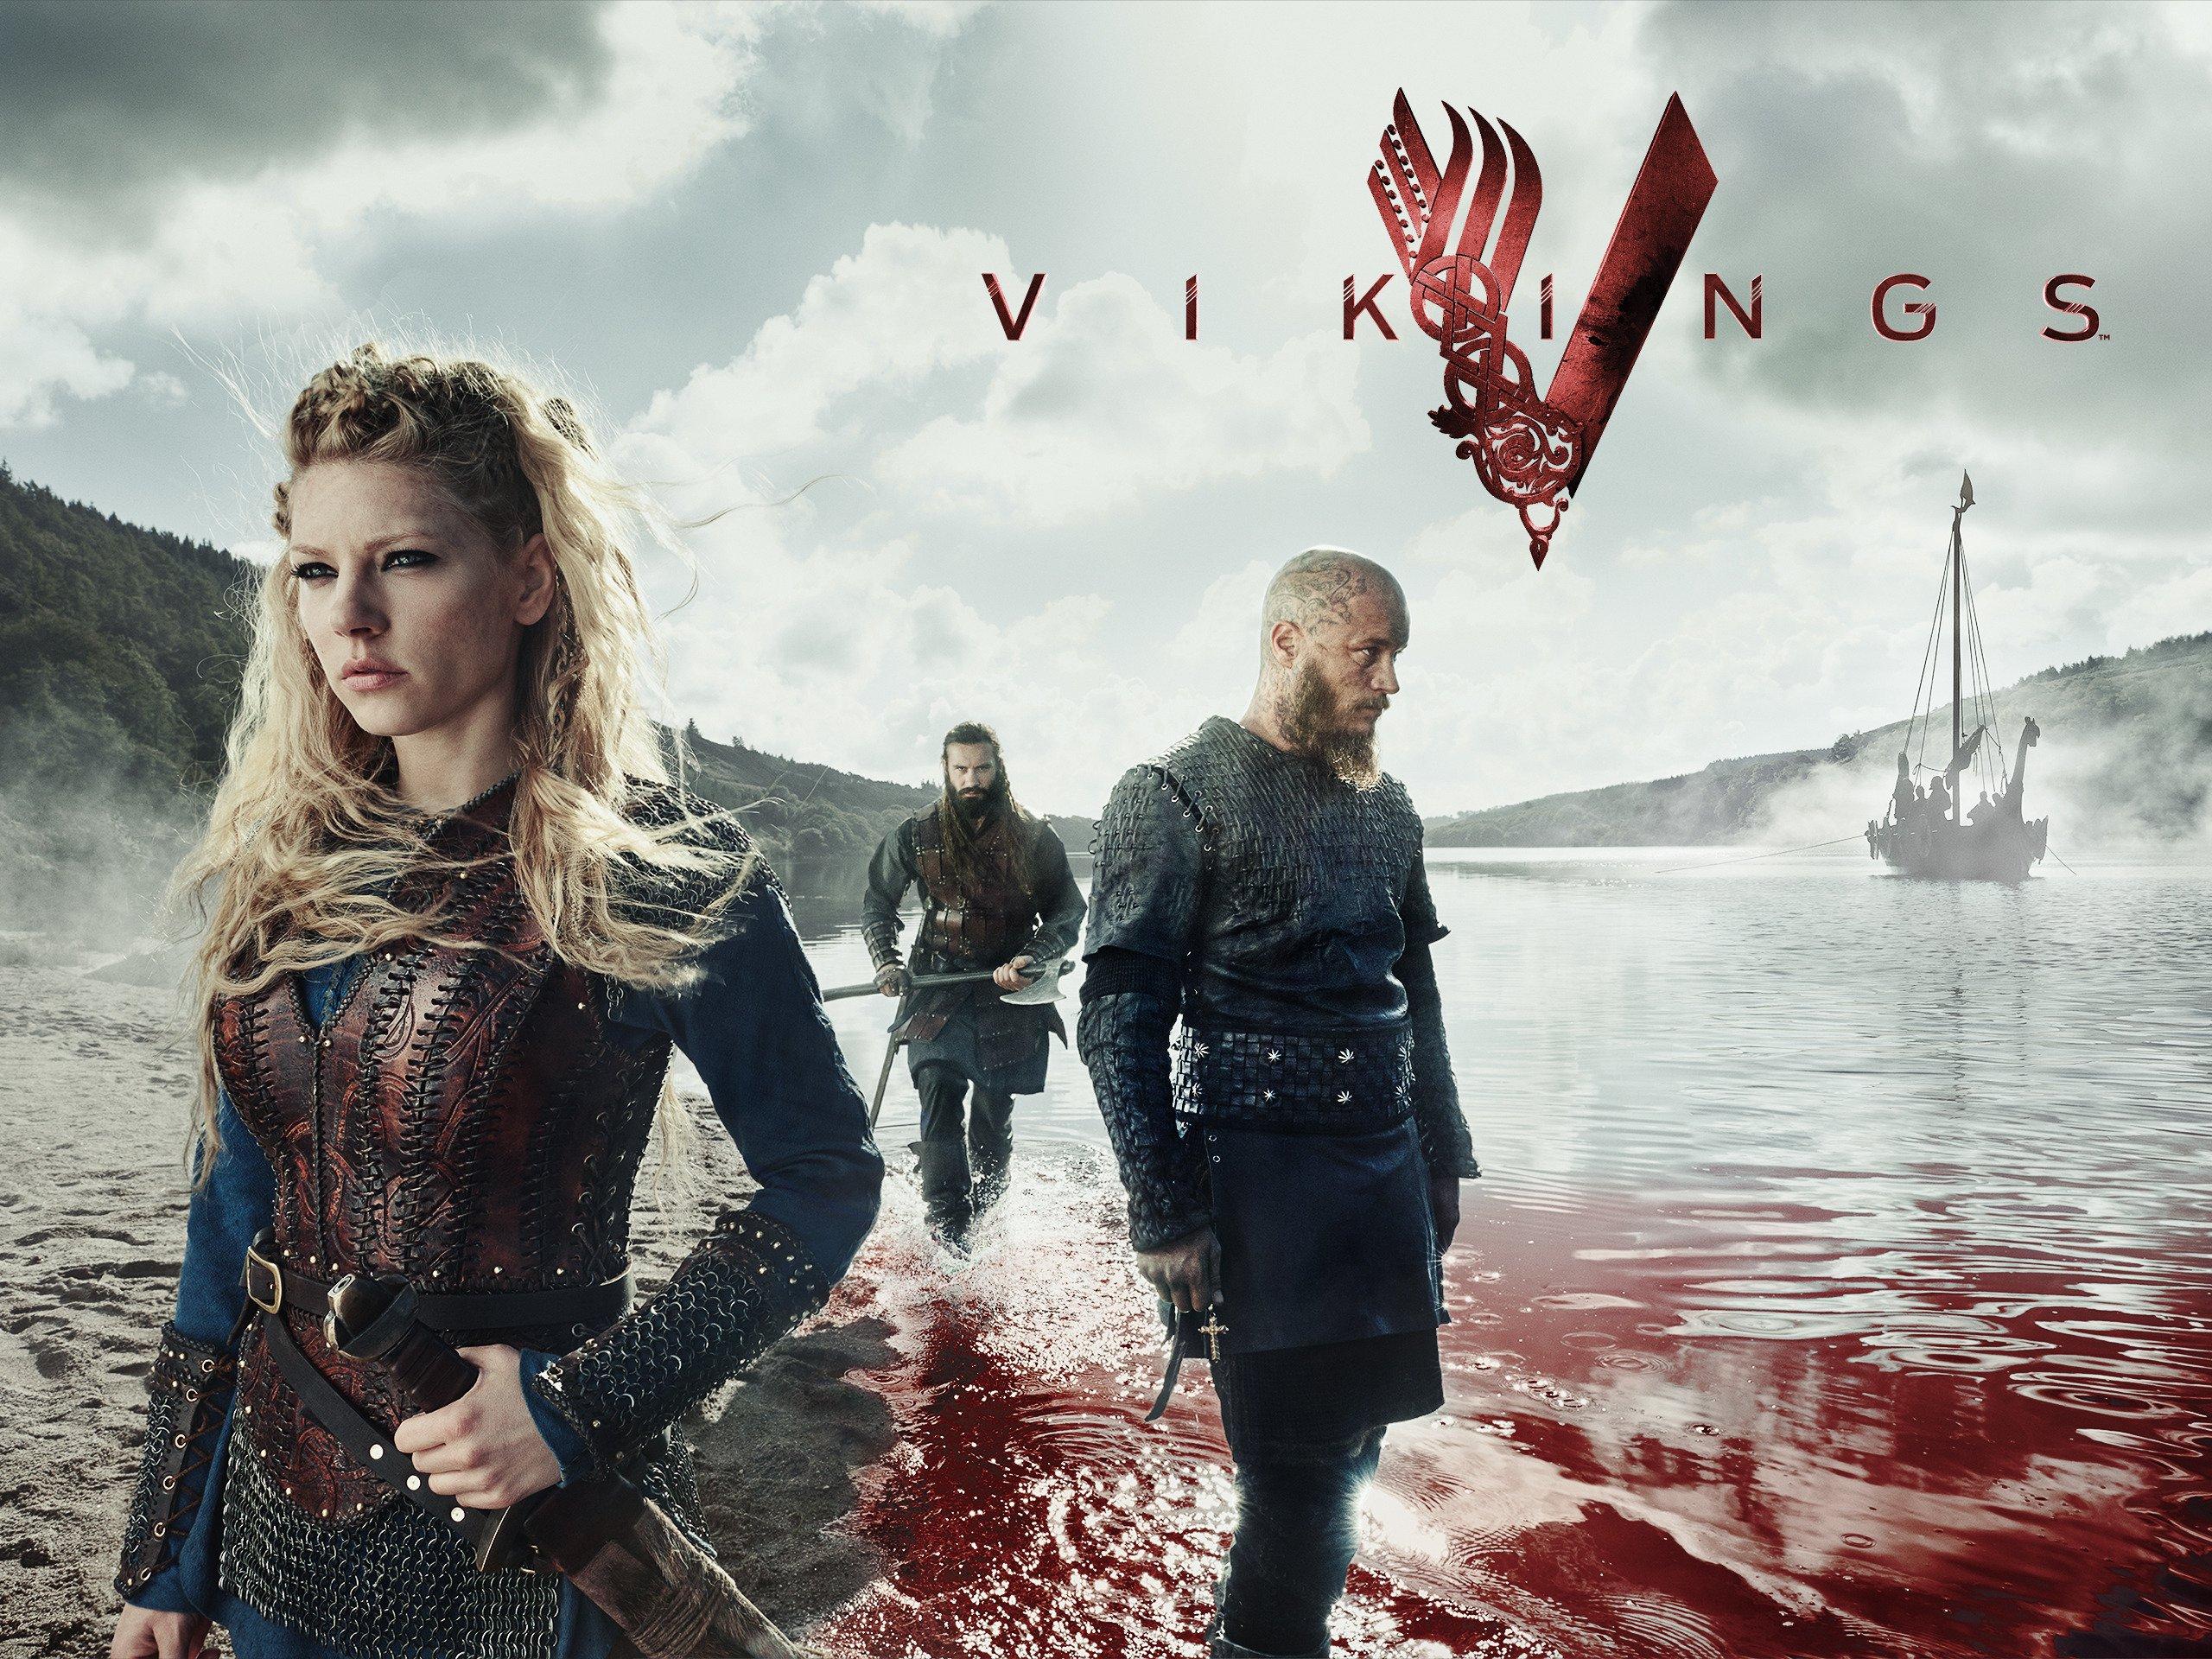 Vikings Season 3 - Season 3